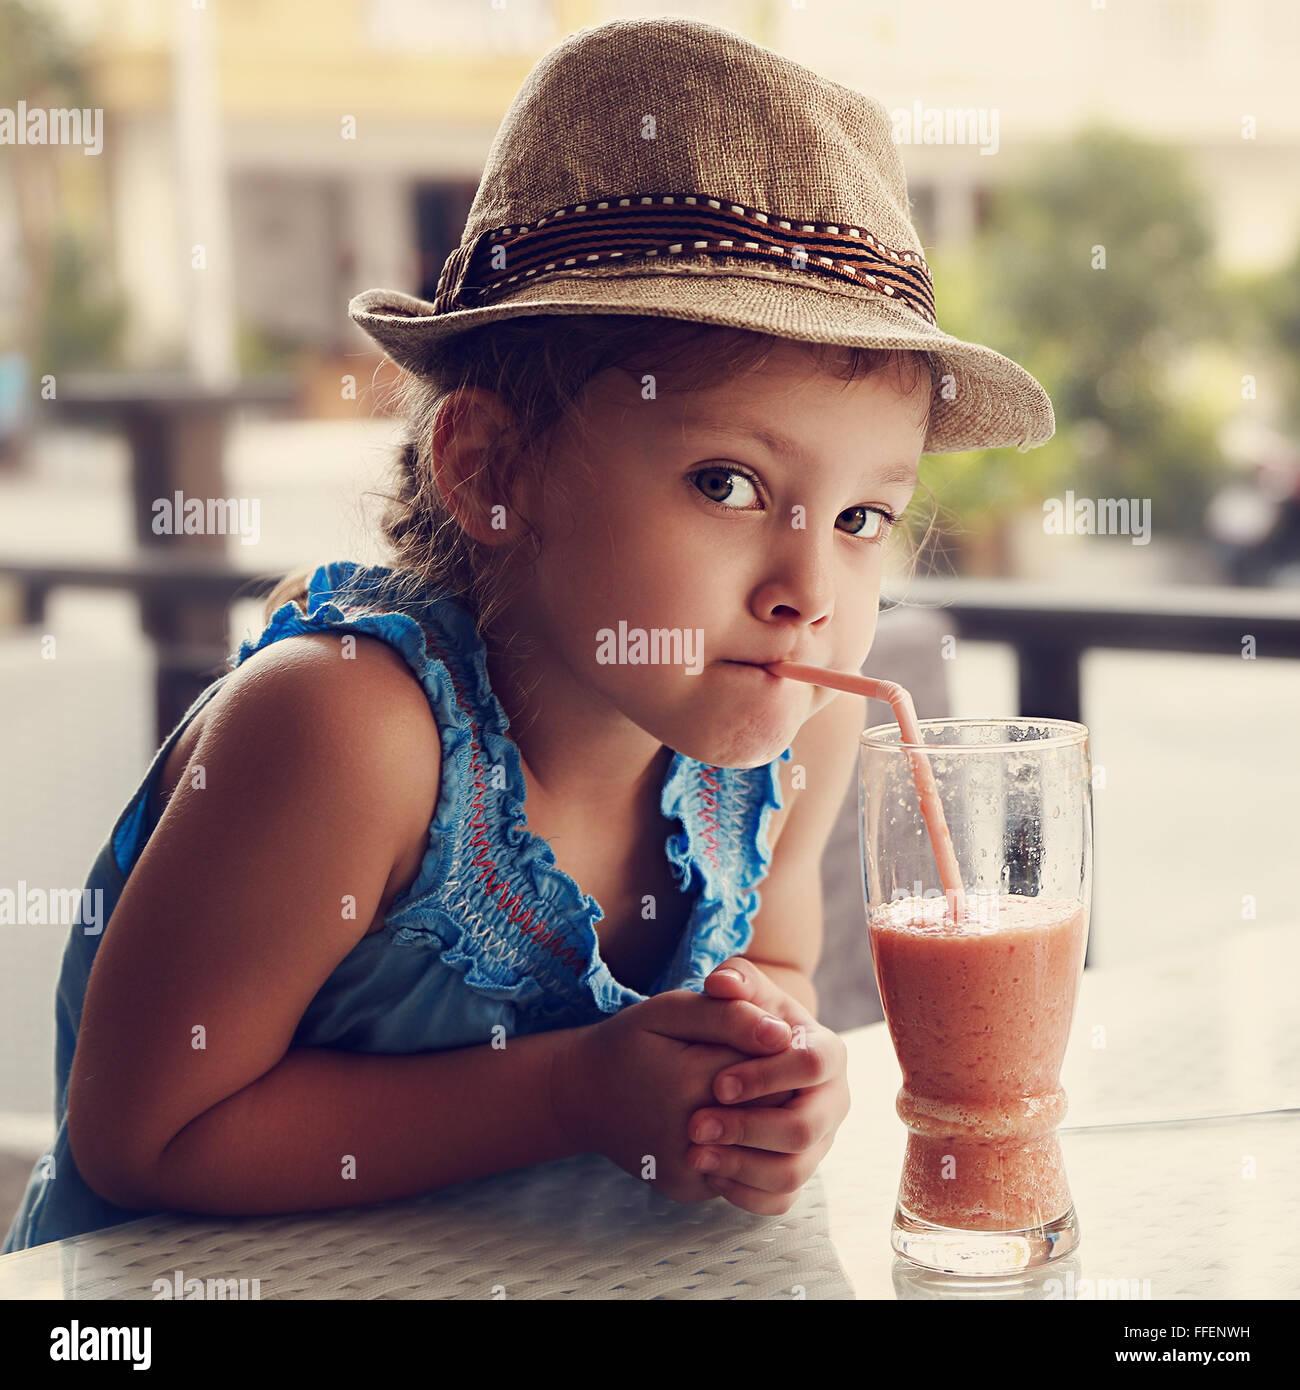 Curioso fun cute kid chica en hat beber jugo sabroso en verano street cafe. Closeup retrato de tonos Imagen De Stock